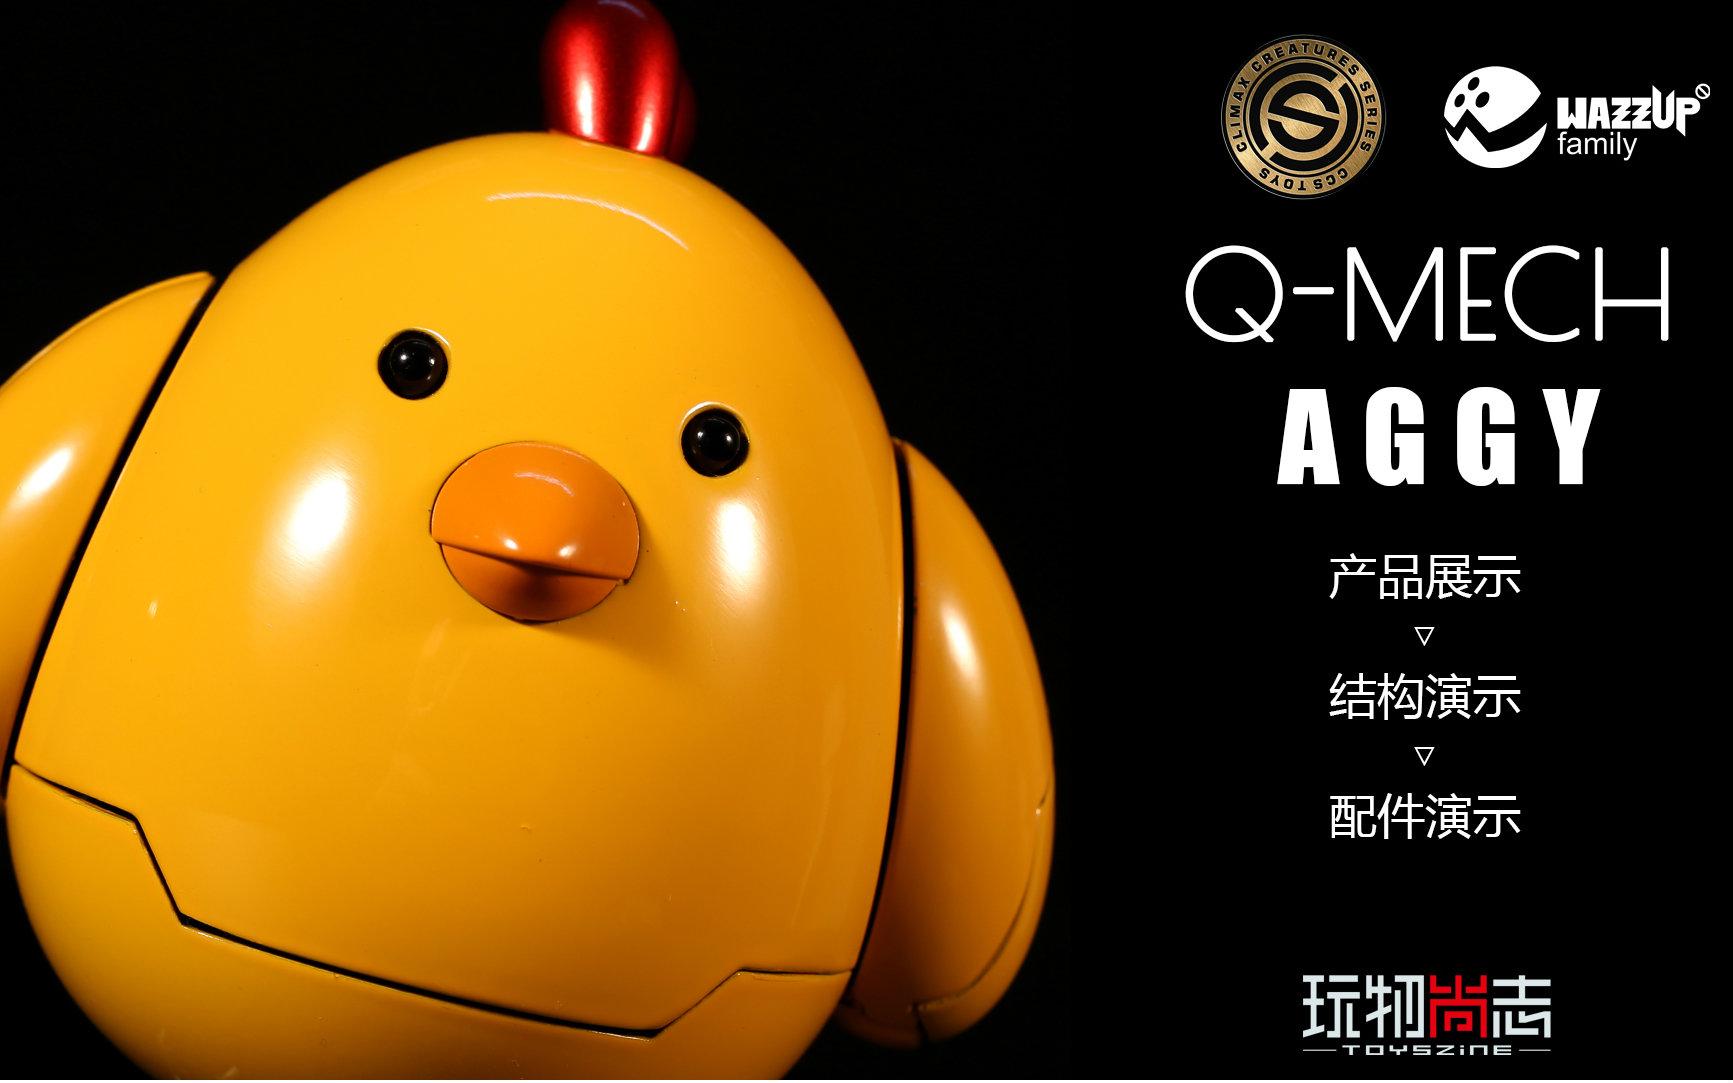 【玩物尚志】CCSTOYS Q-MECH AGGY超载鸡视频演示【TZV37】